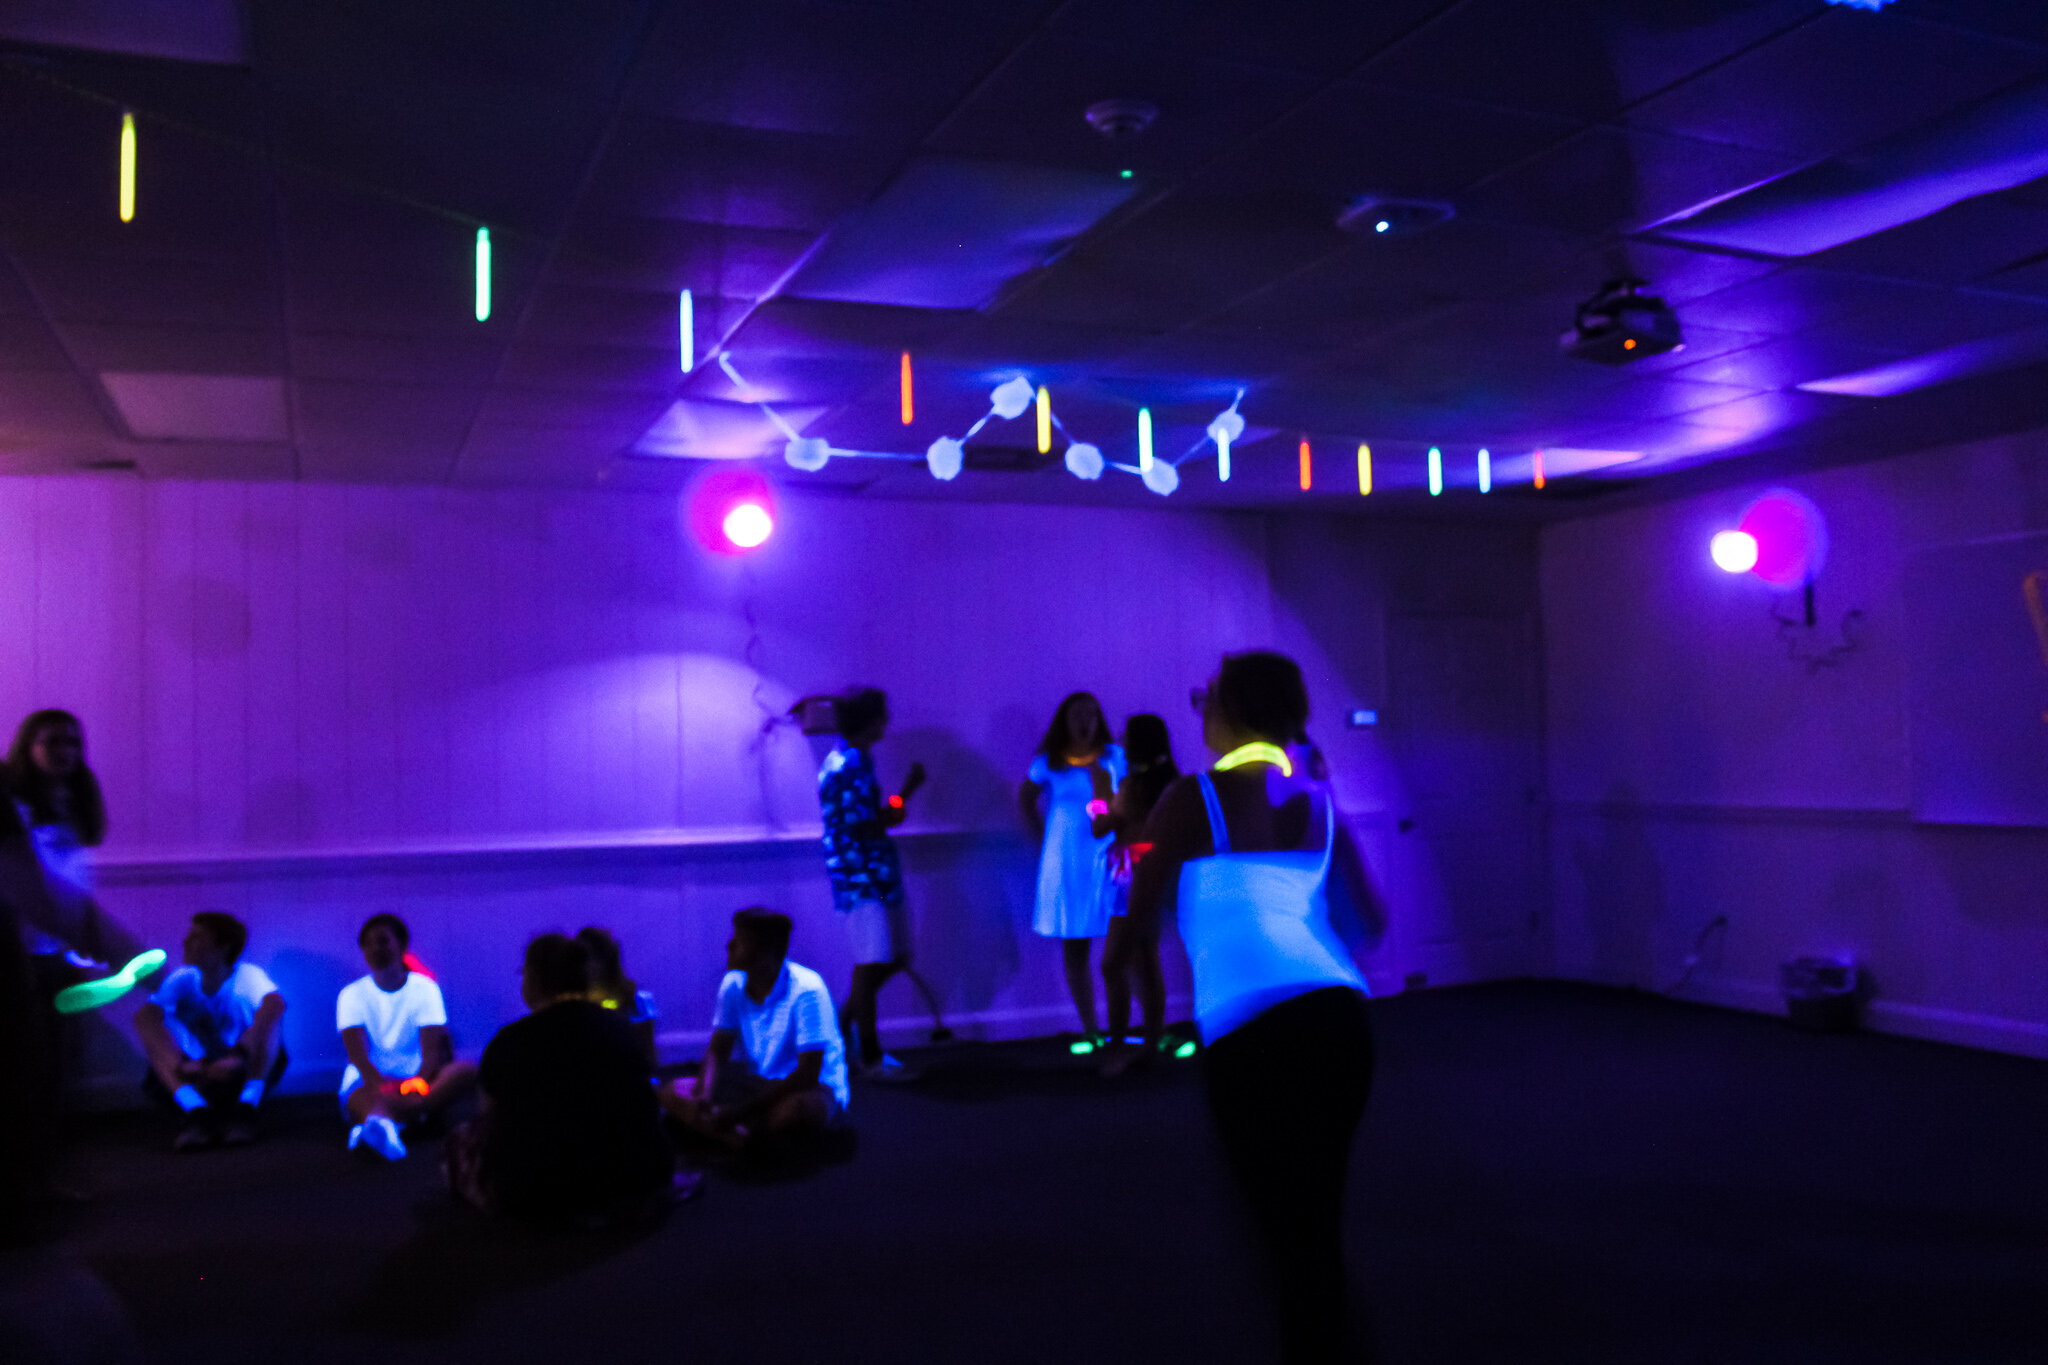 Swing Dance Club members dancing and socializing.